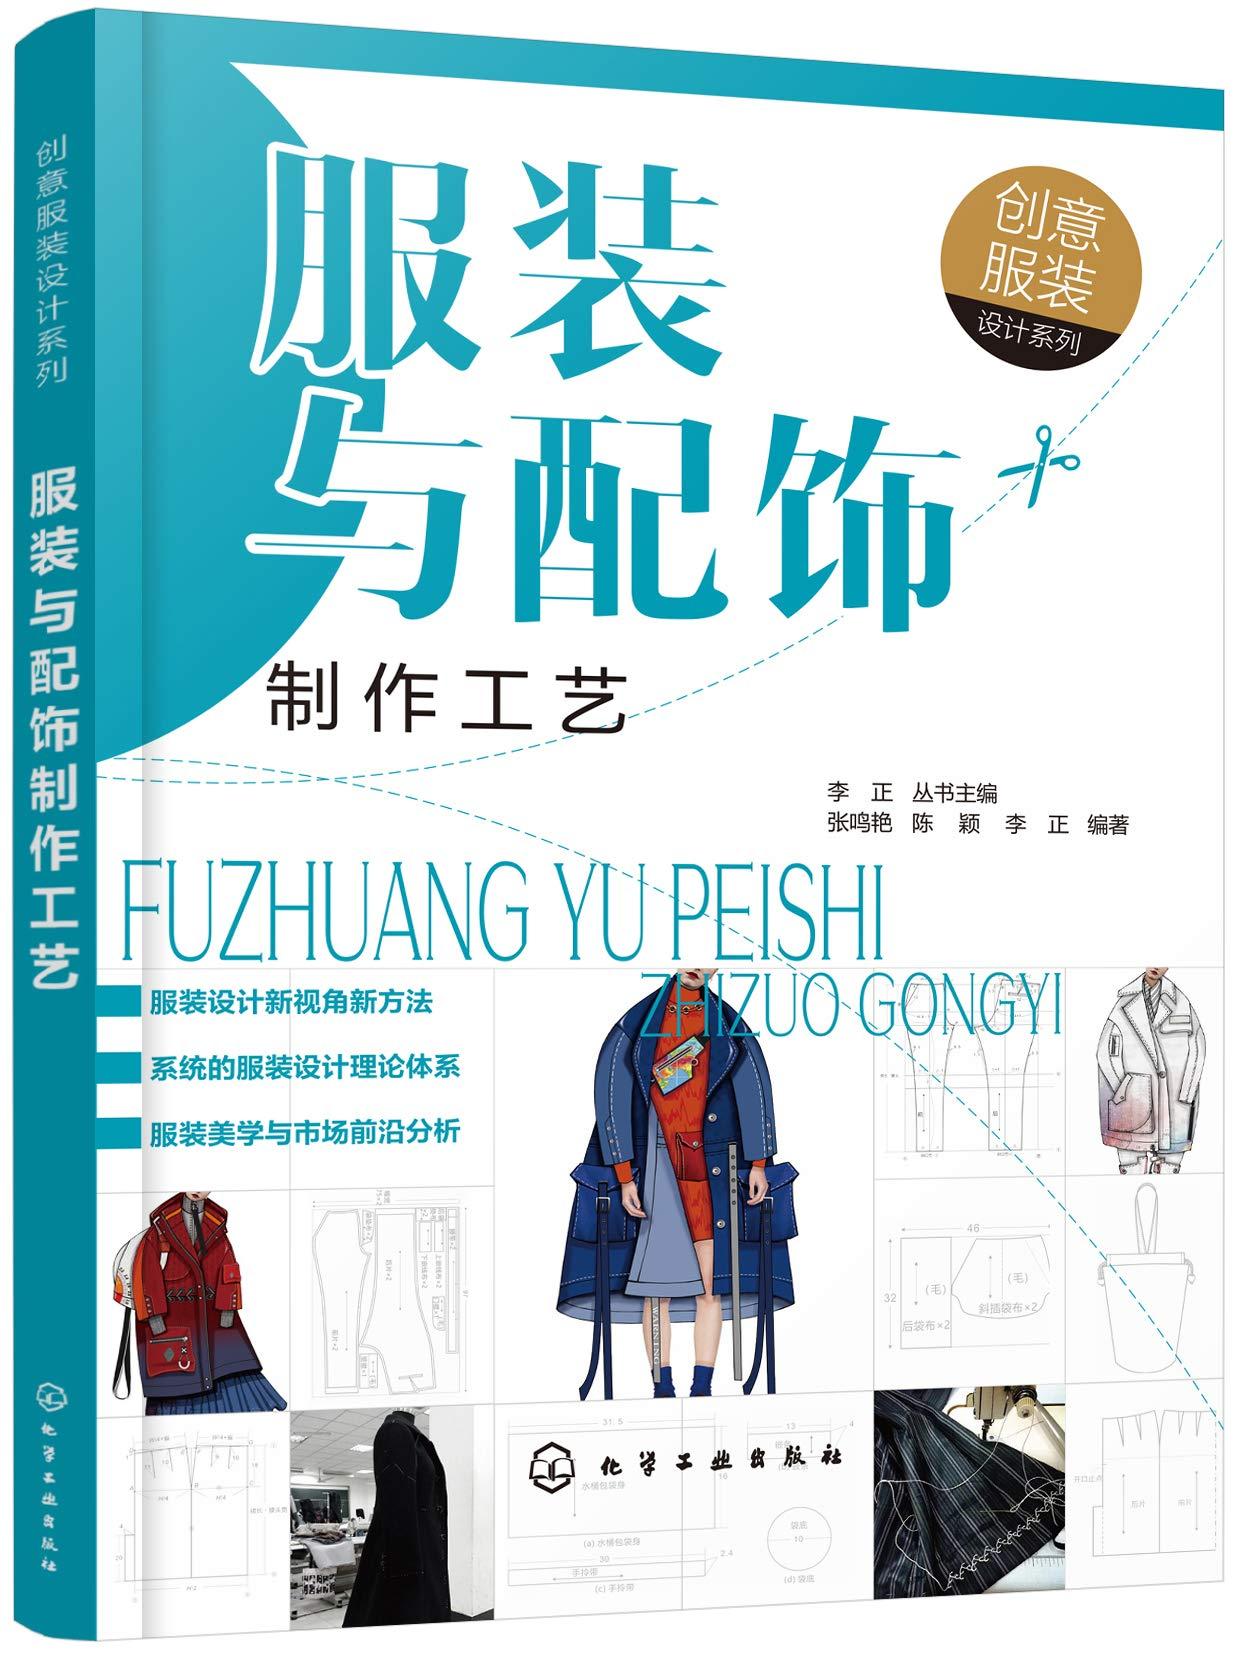 創造的な服のデザインシリーズ - 服とアクセサリーの作り方